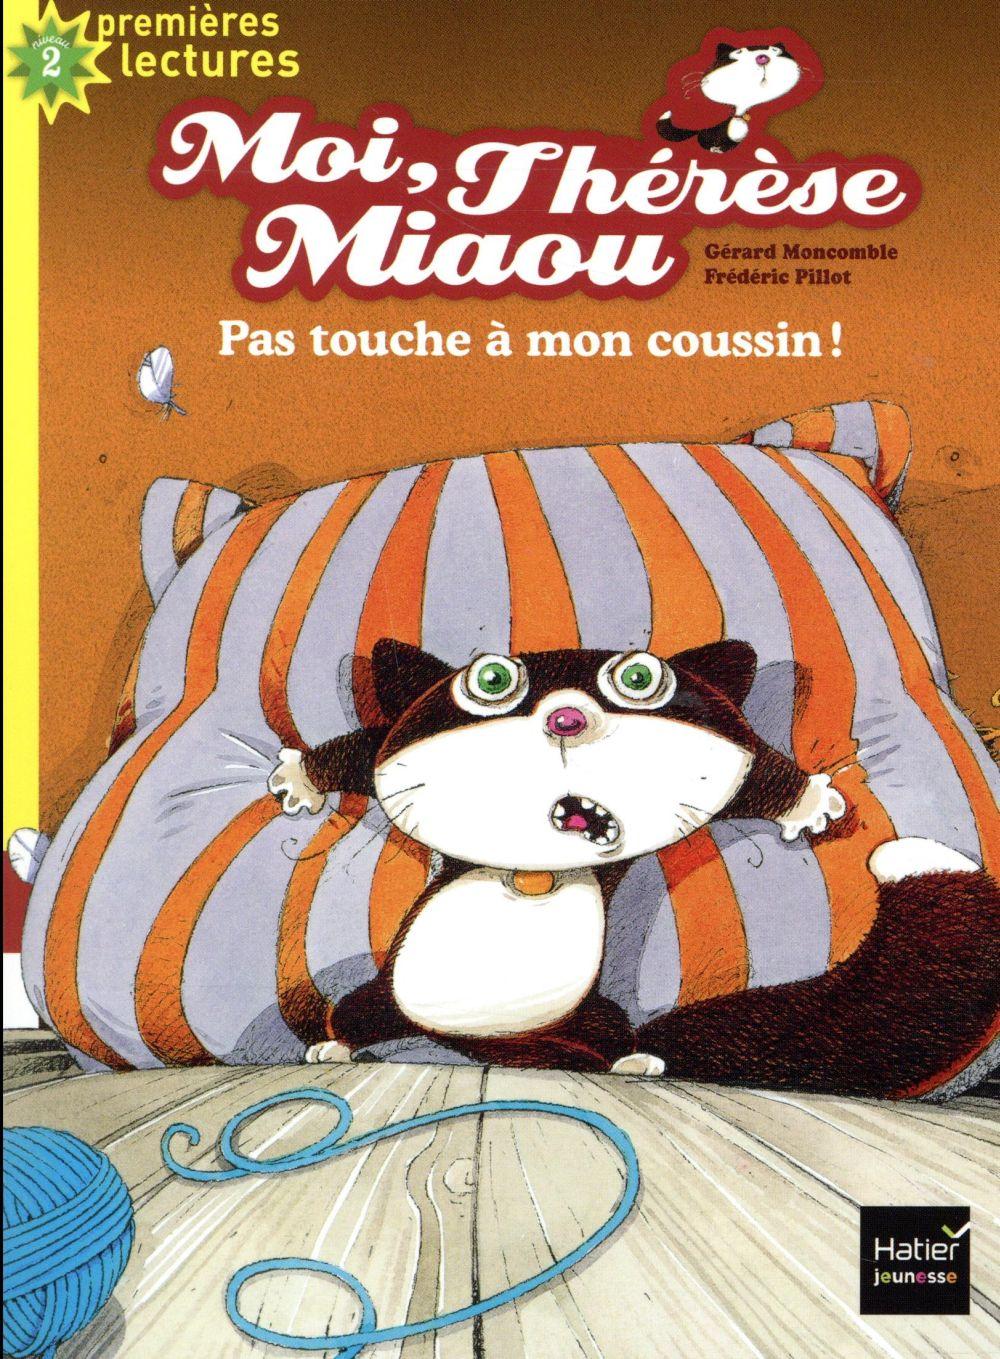 - MOI, THERESE MIAOU  -  PAS TOUCHE A MON COUSSIN !